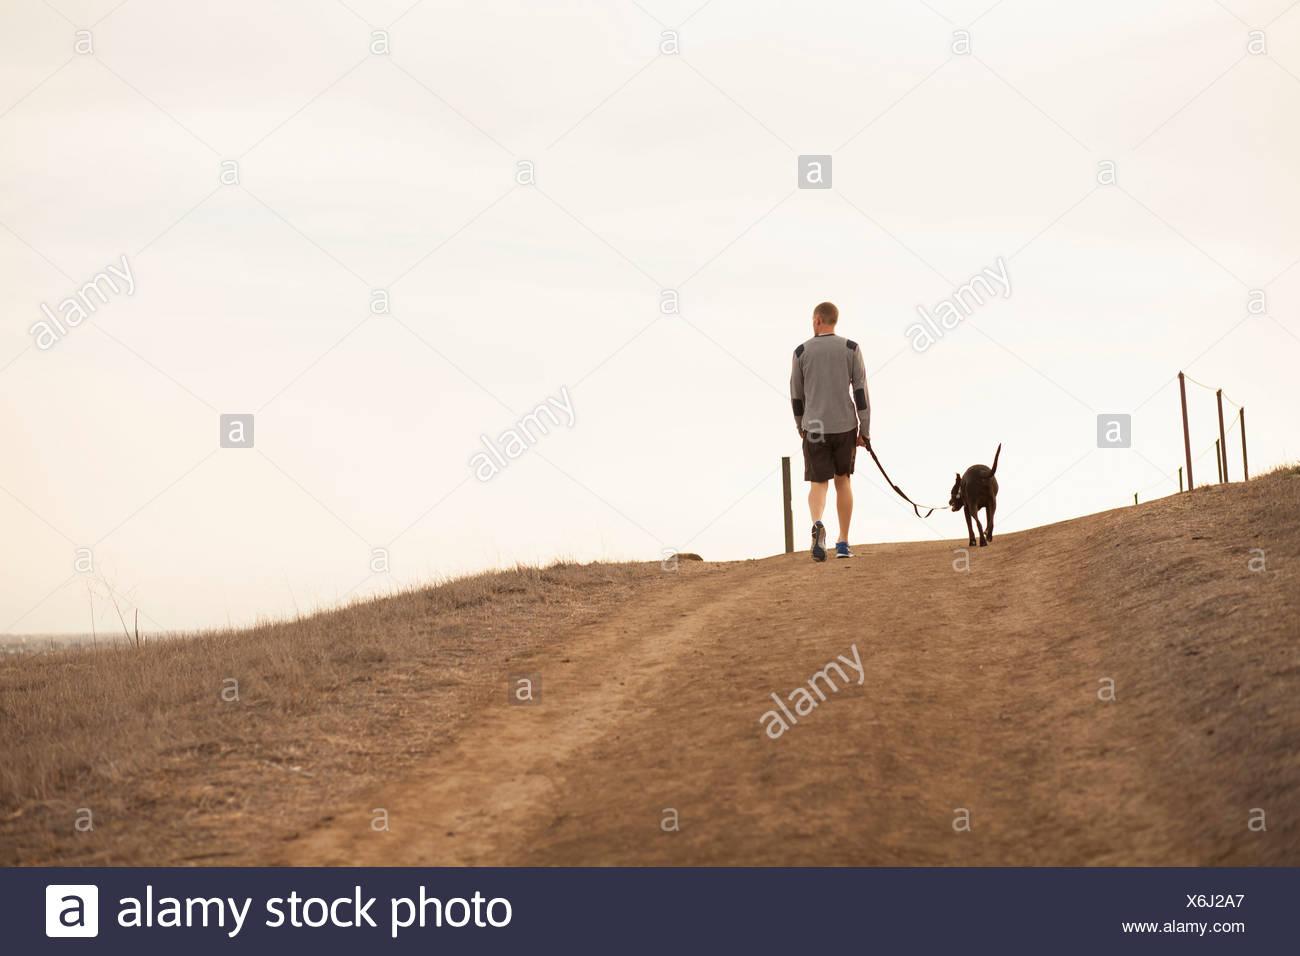 Man walking dog - Stock Image